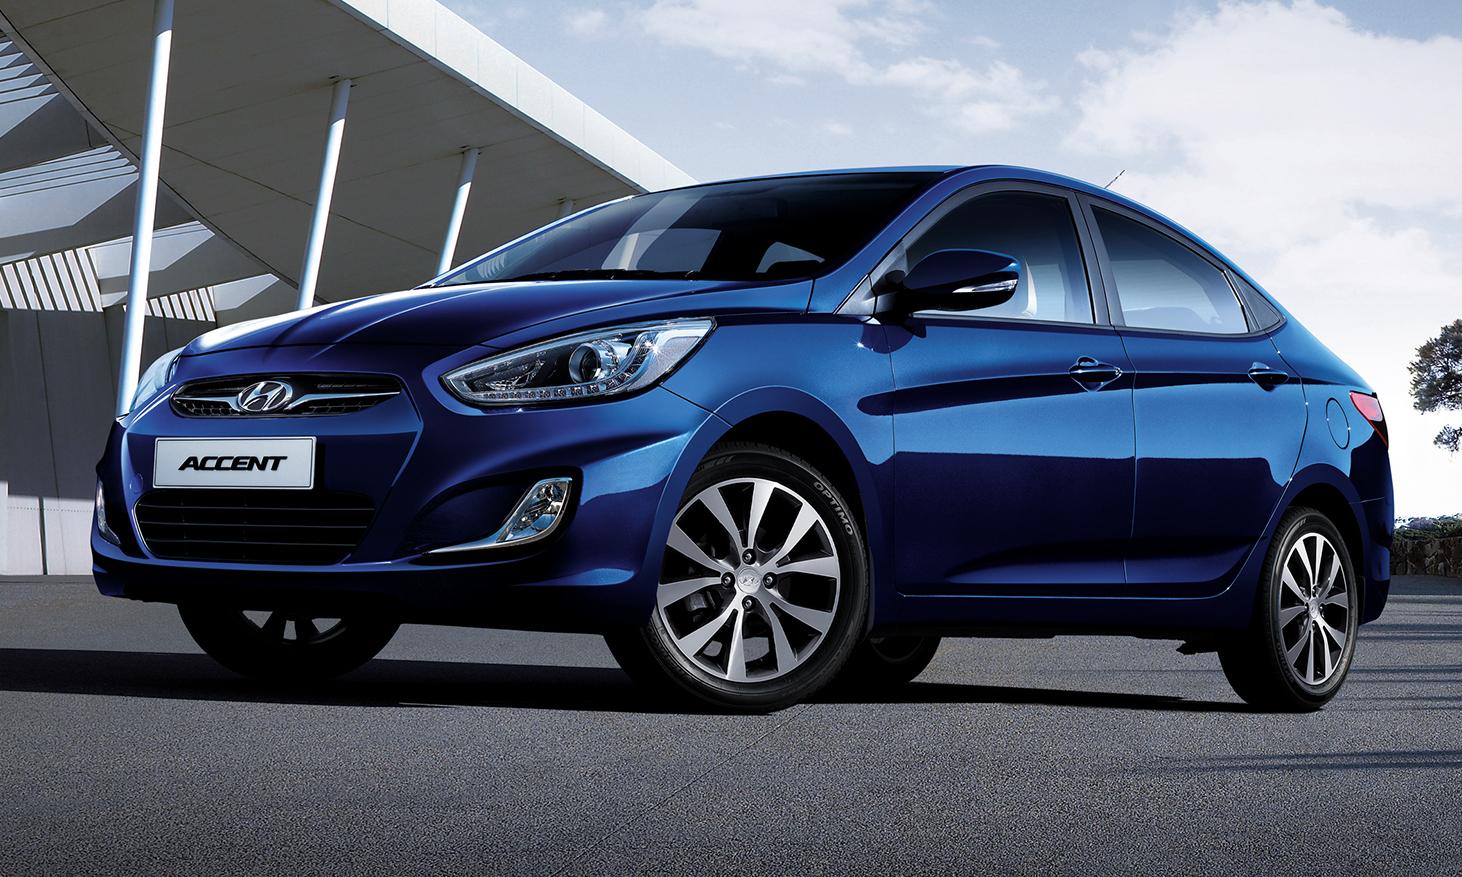 Lanzamiento Hyundai Accent 2014 Autoblog Uruguay